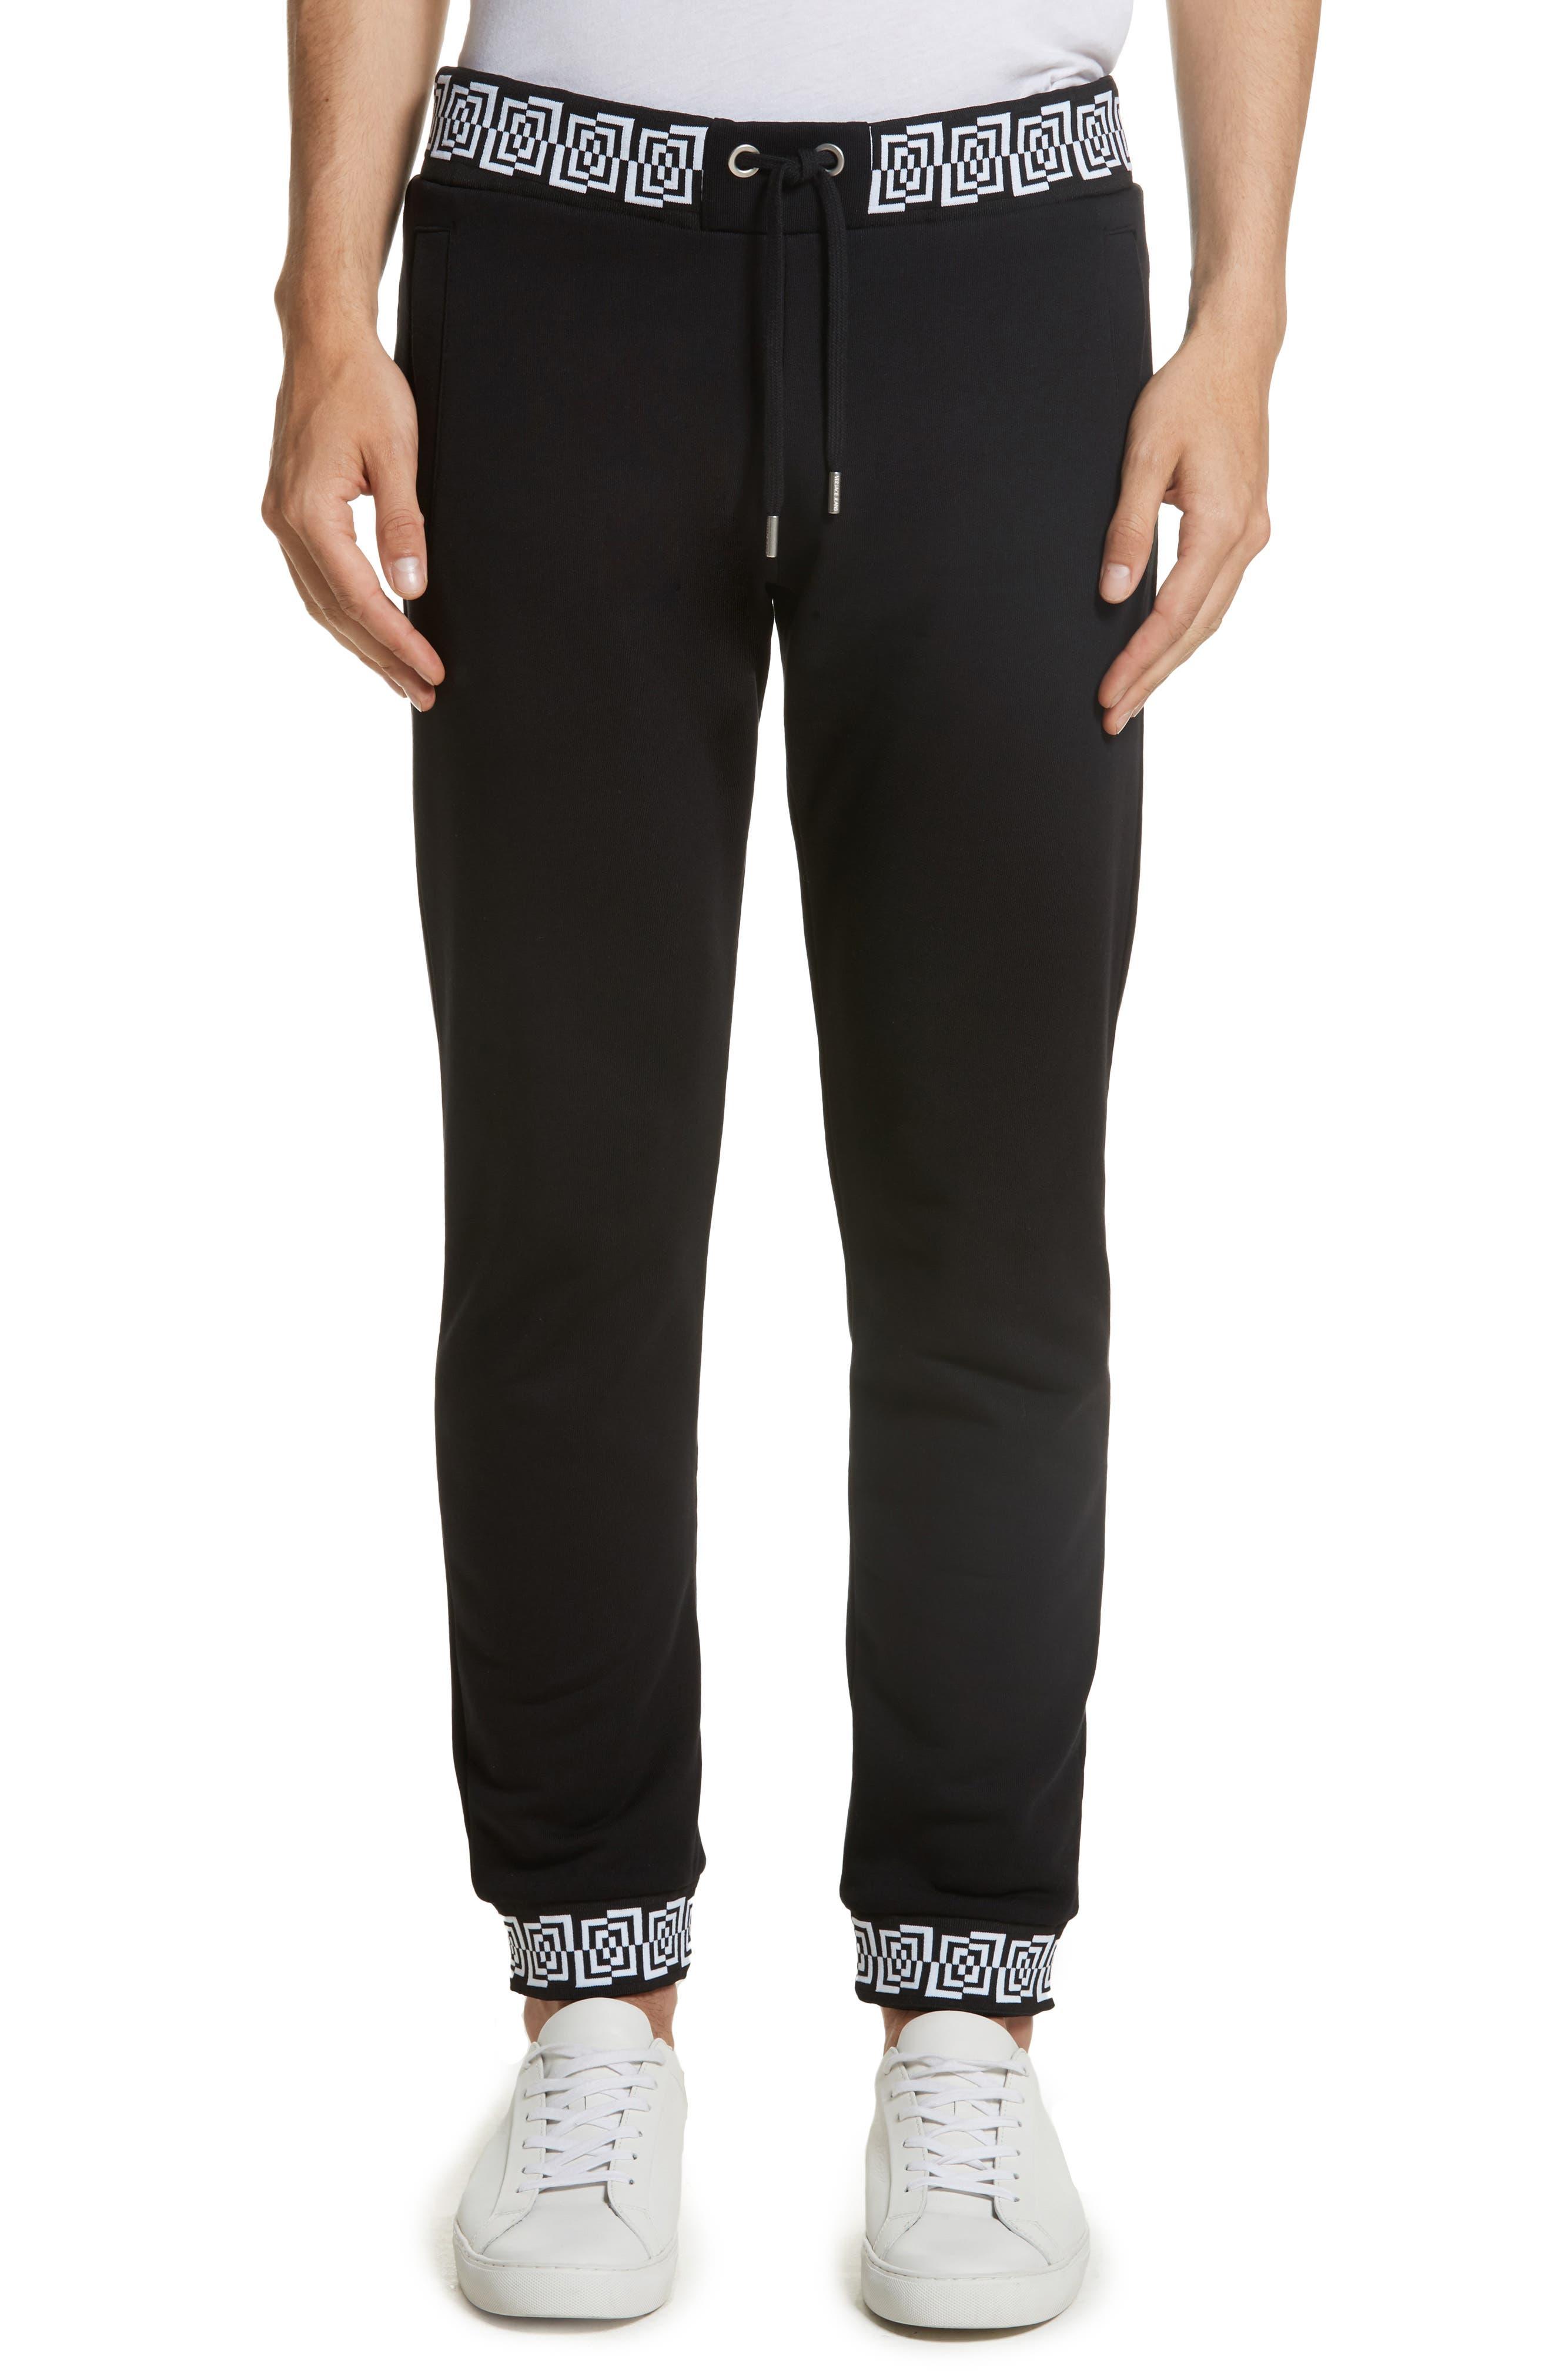 Versace Jeans Contrast Print Jogger Pants